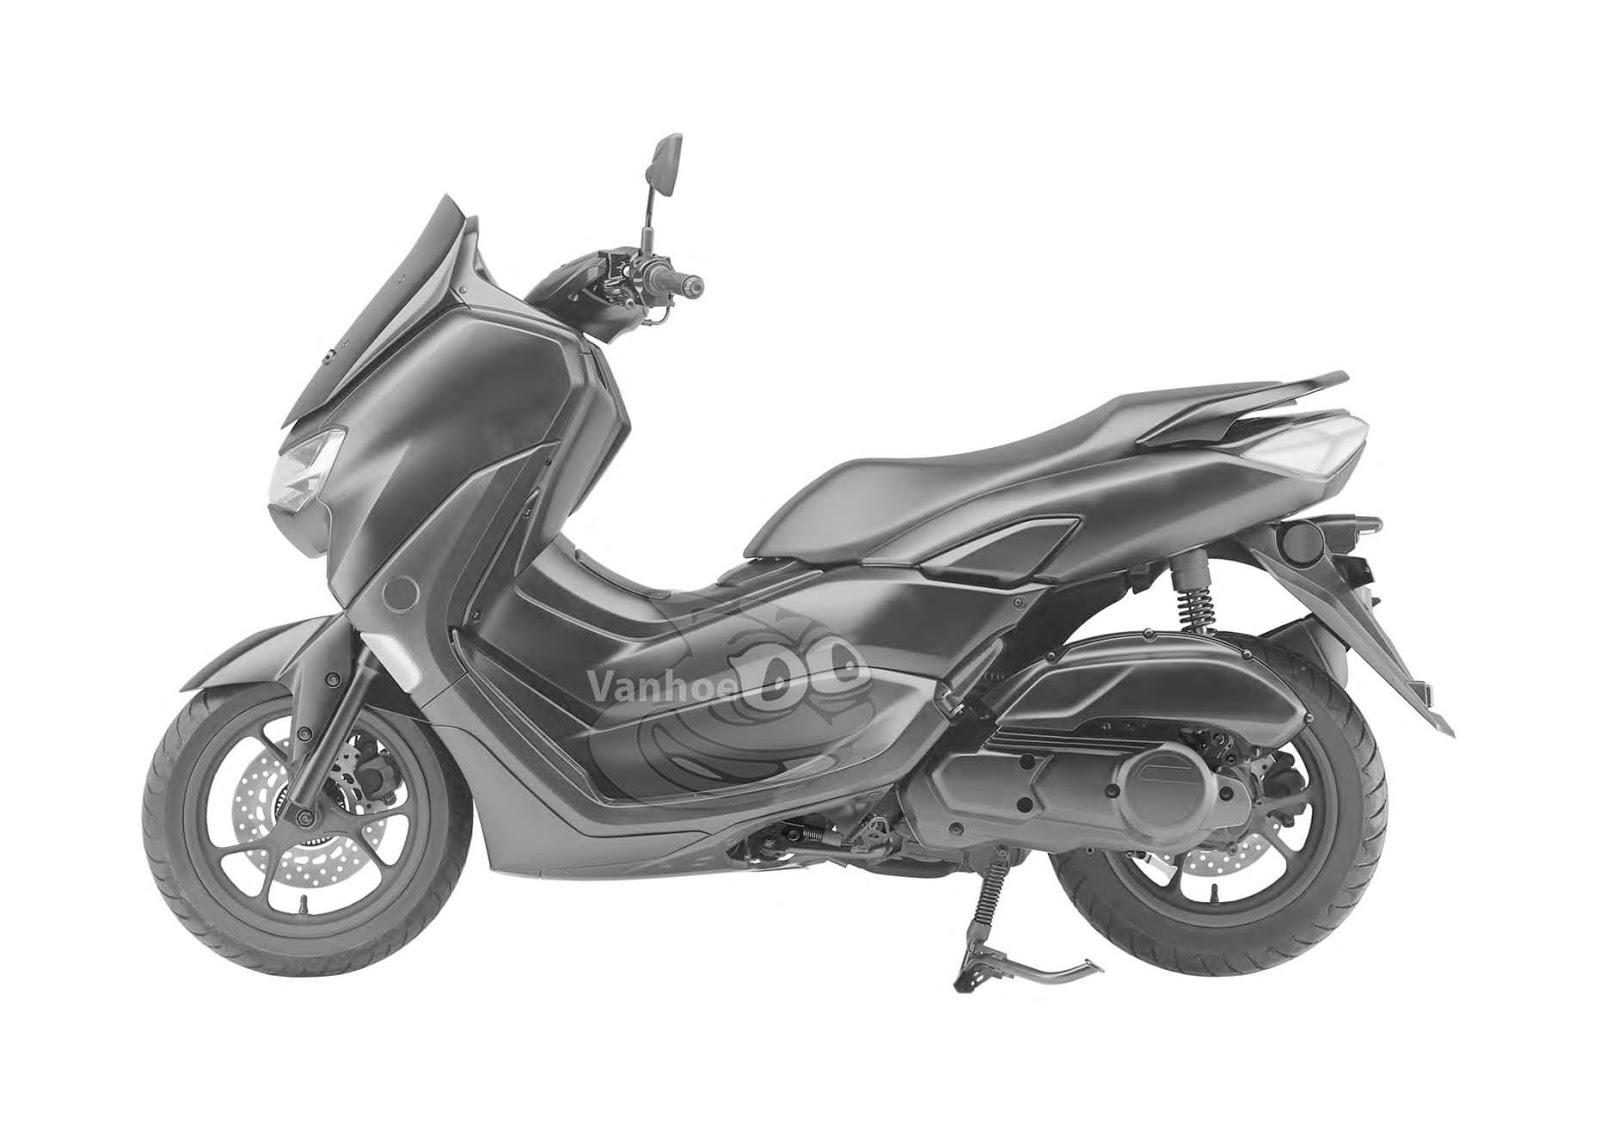 Kental akan aura XMAX series, ini dia penampakan calon Yamaha NMAX 155 Facelift 2020 !